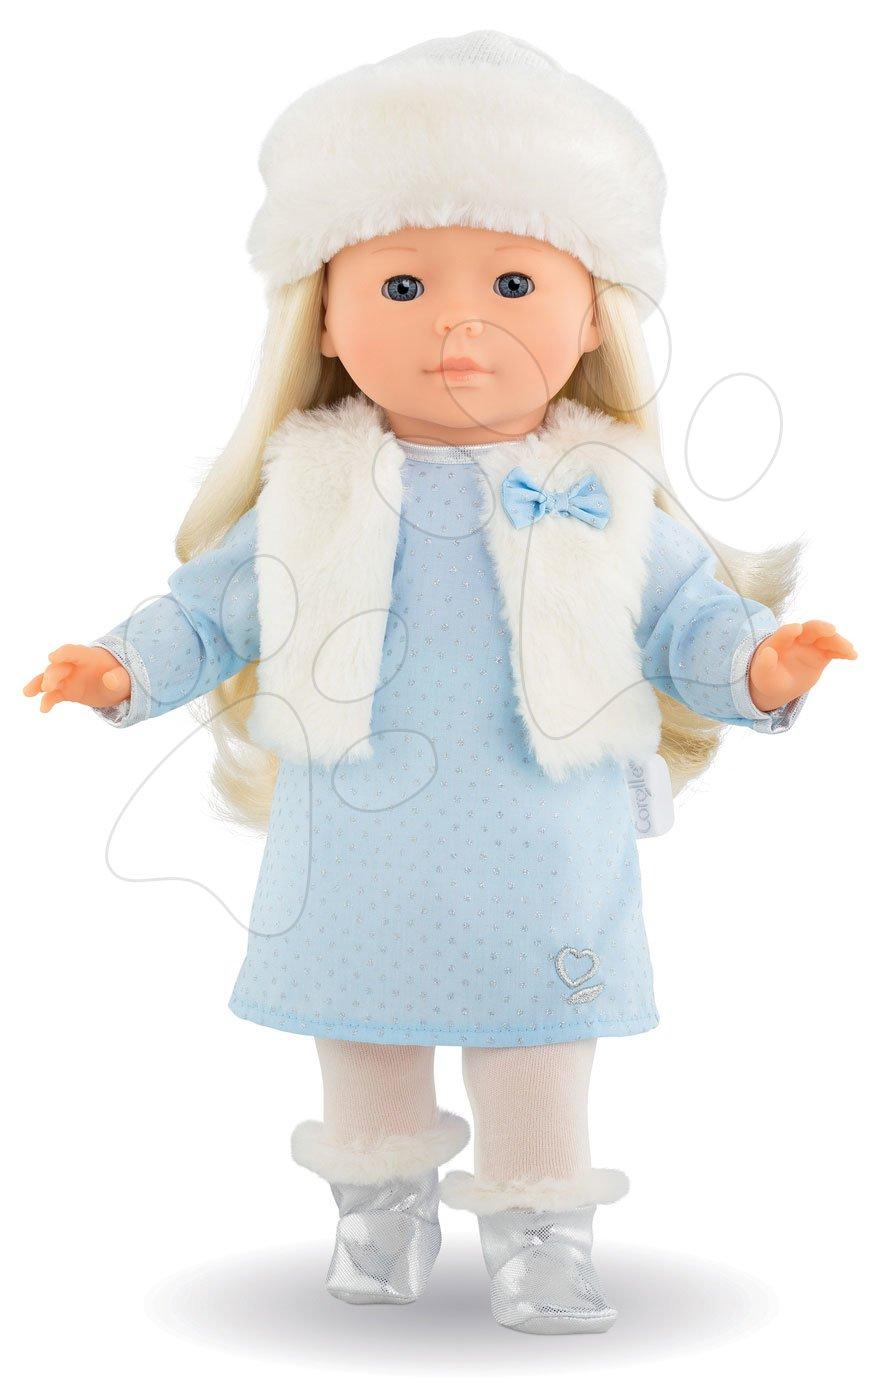 Panenky od 4 let - Panenka Priscille Ma Corolle bleděmodré šaty a modré mrkací oči 36 cm - Speciální edice od 4 let